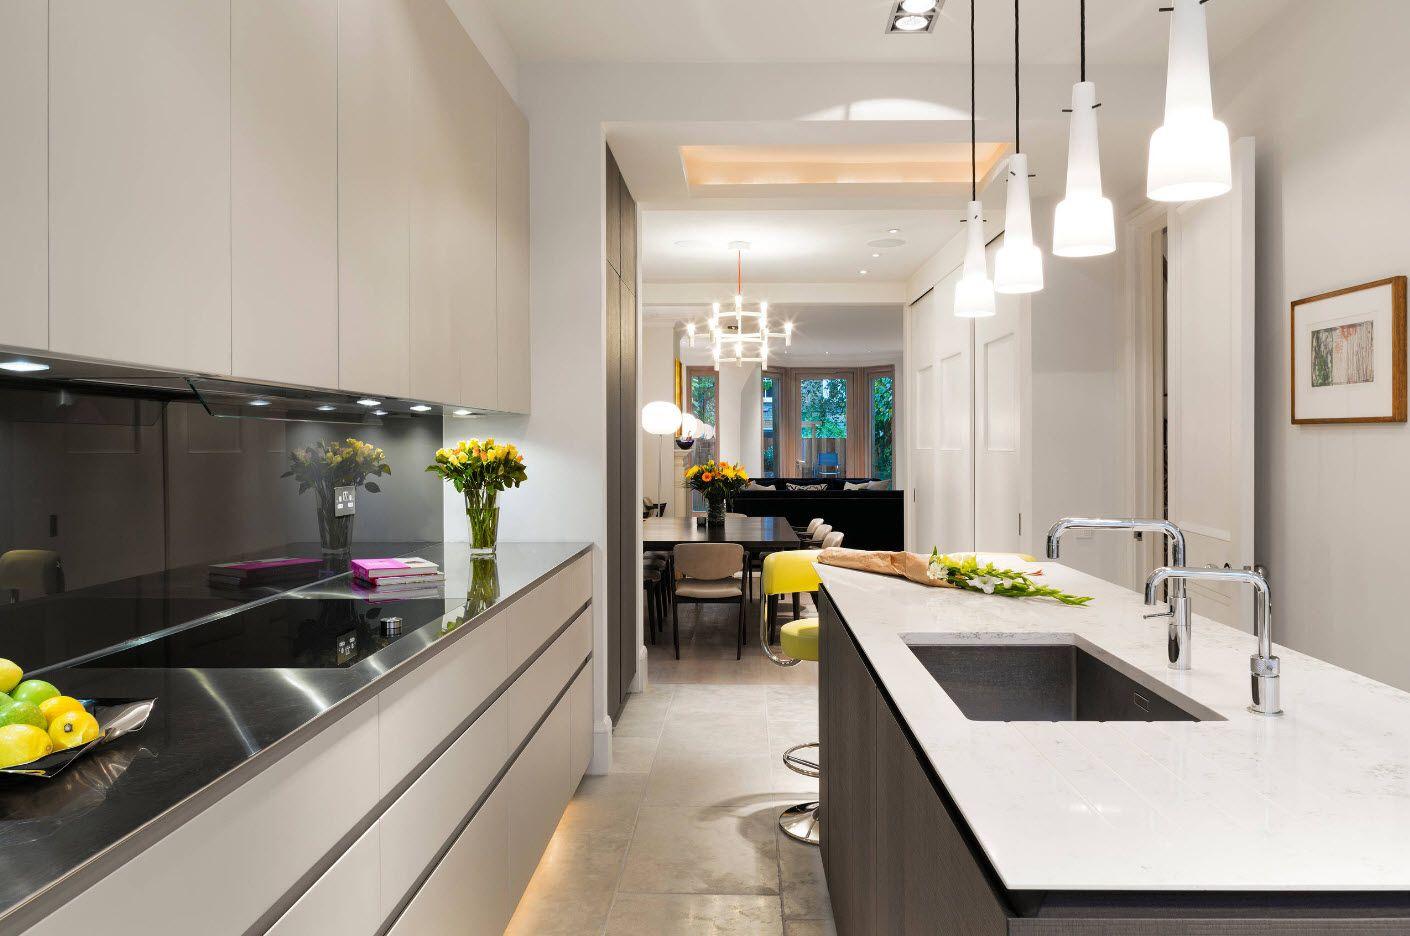 40 Square Feet Kitchen Modern Design Ideas & Layout Types. Galley kitchen with monolithic kitchen set and dark bordered island